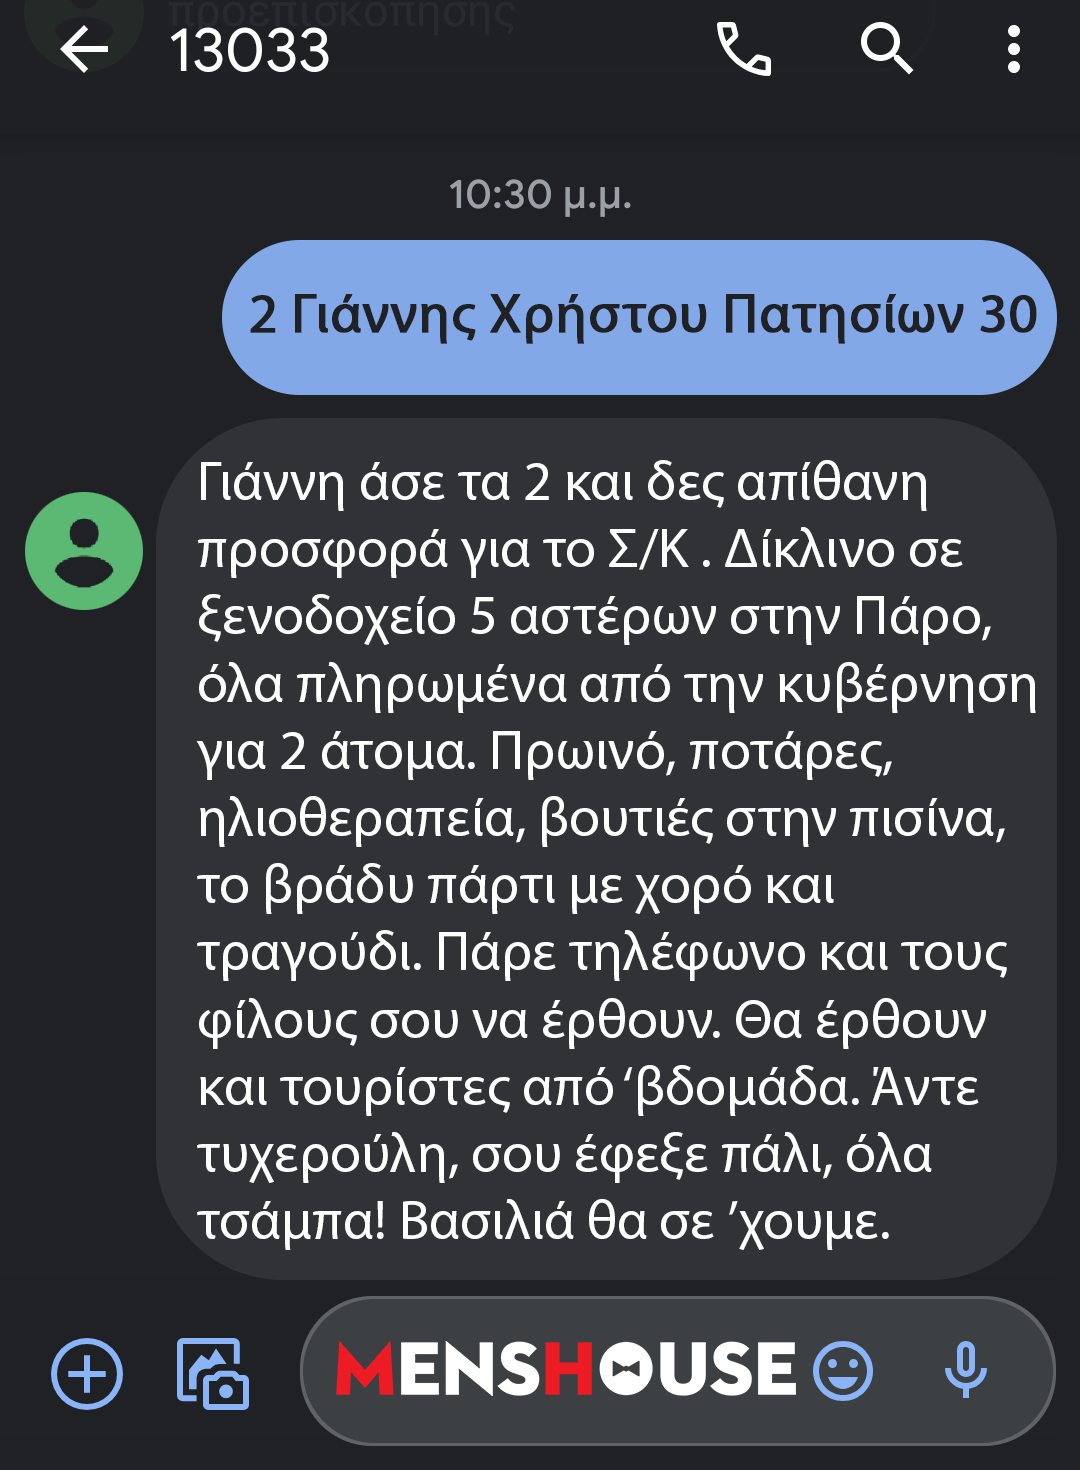 Αλλάζουν τα SMS! Αυτές τις απαντήσεις θα δίνει η Πολιτική Προστασία στο 13033